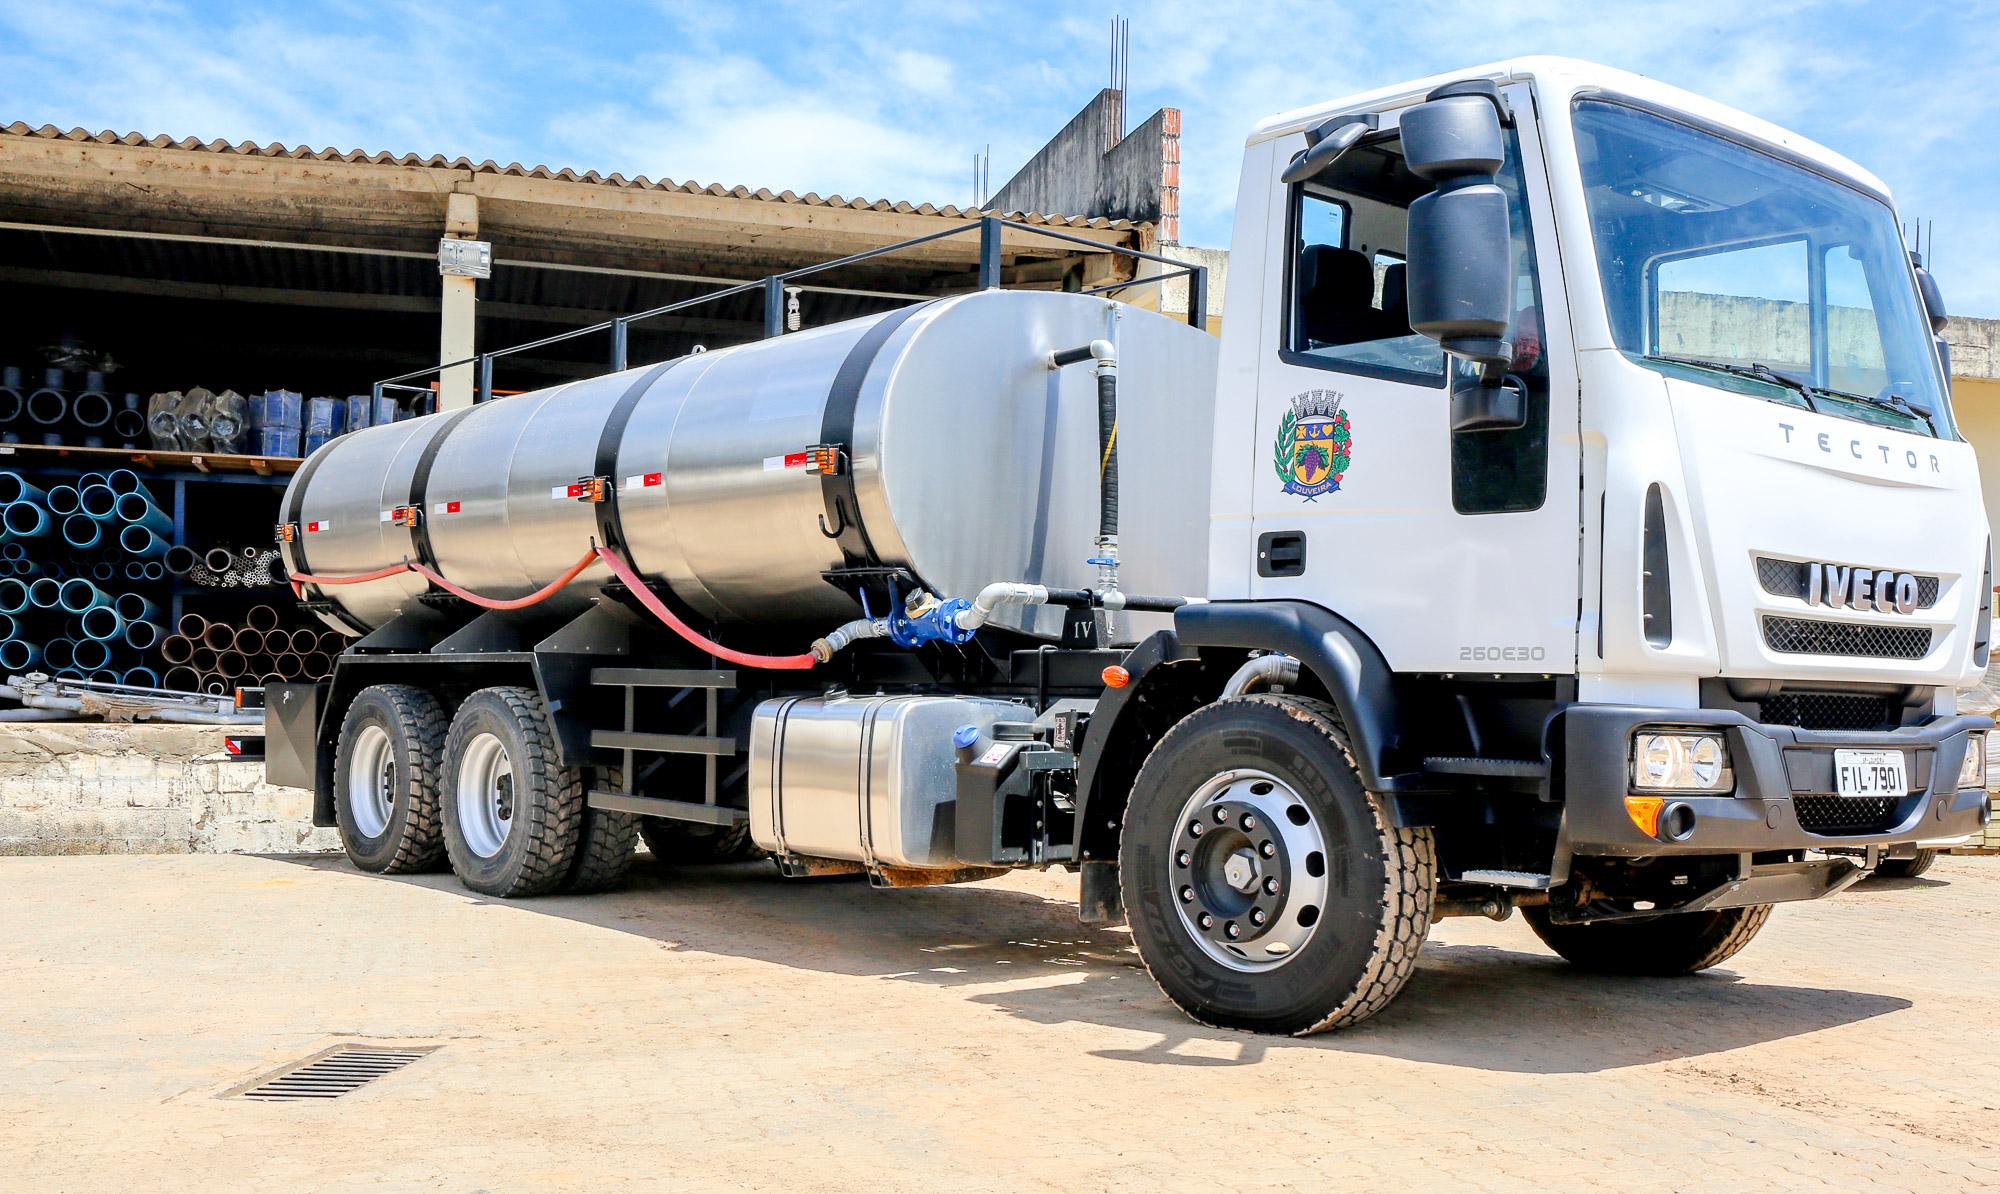 noticia O Prefeito Júnior Finamore entregou para a cidade 2 novos caminhões pipa.